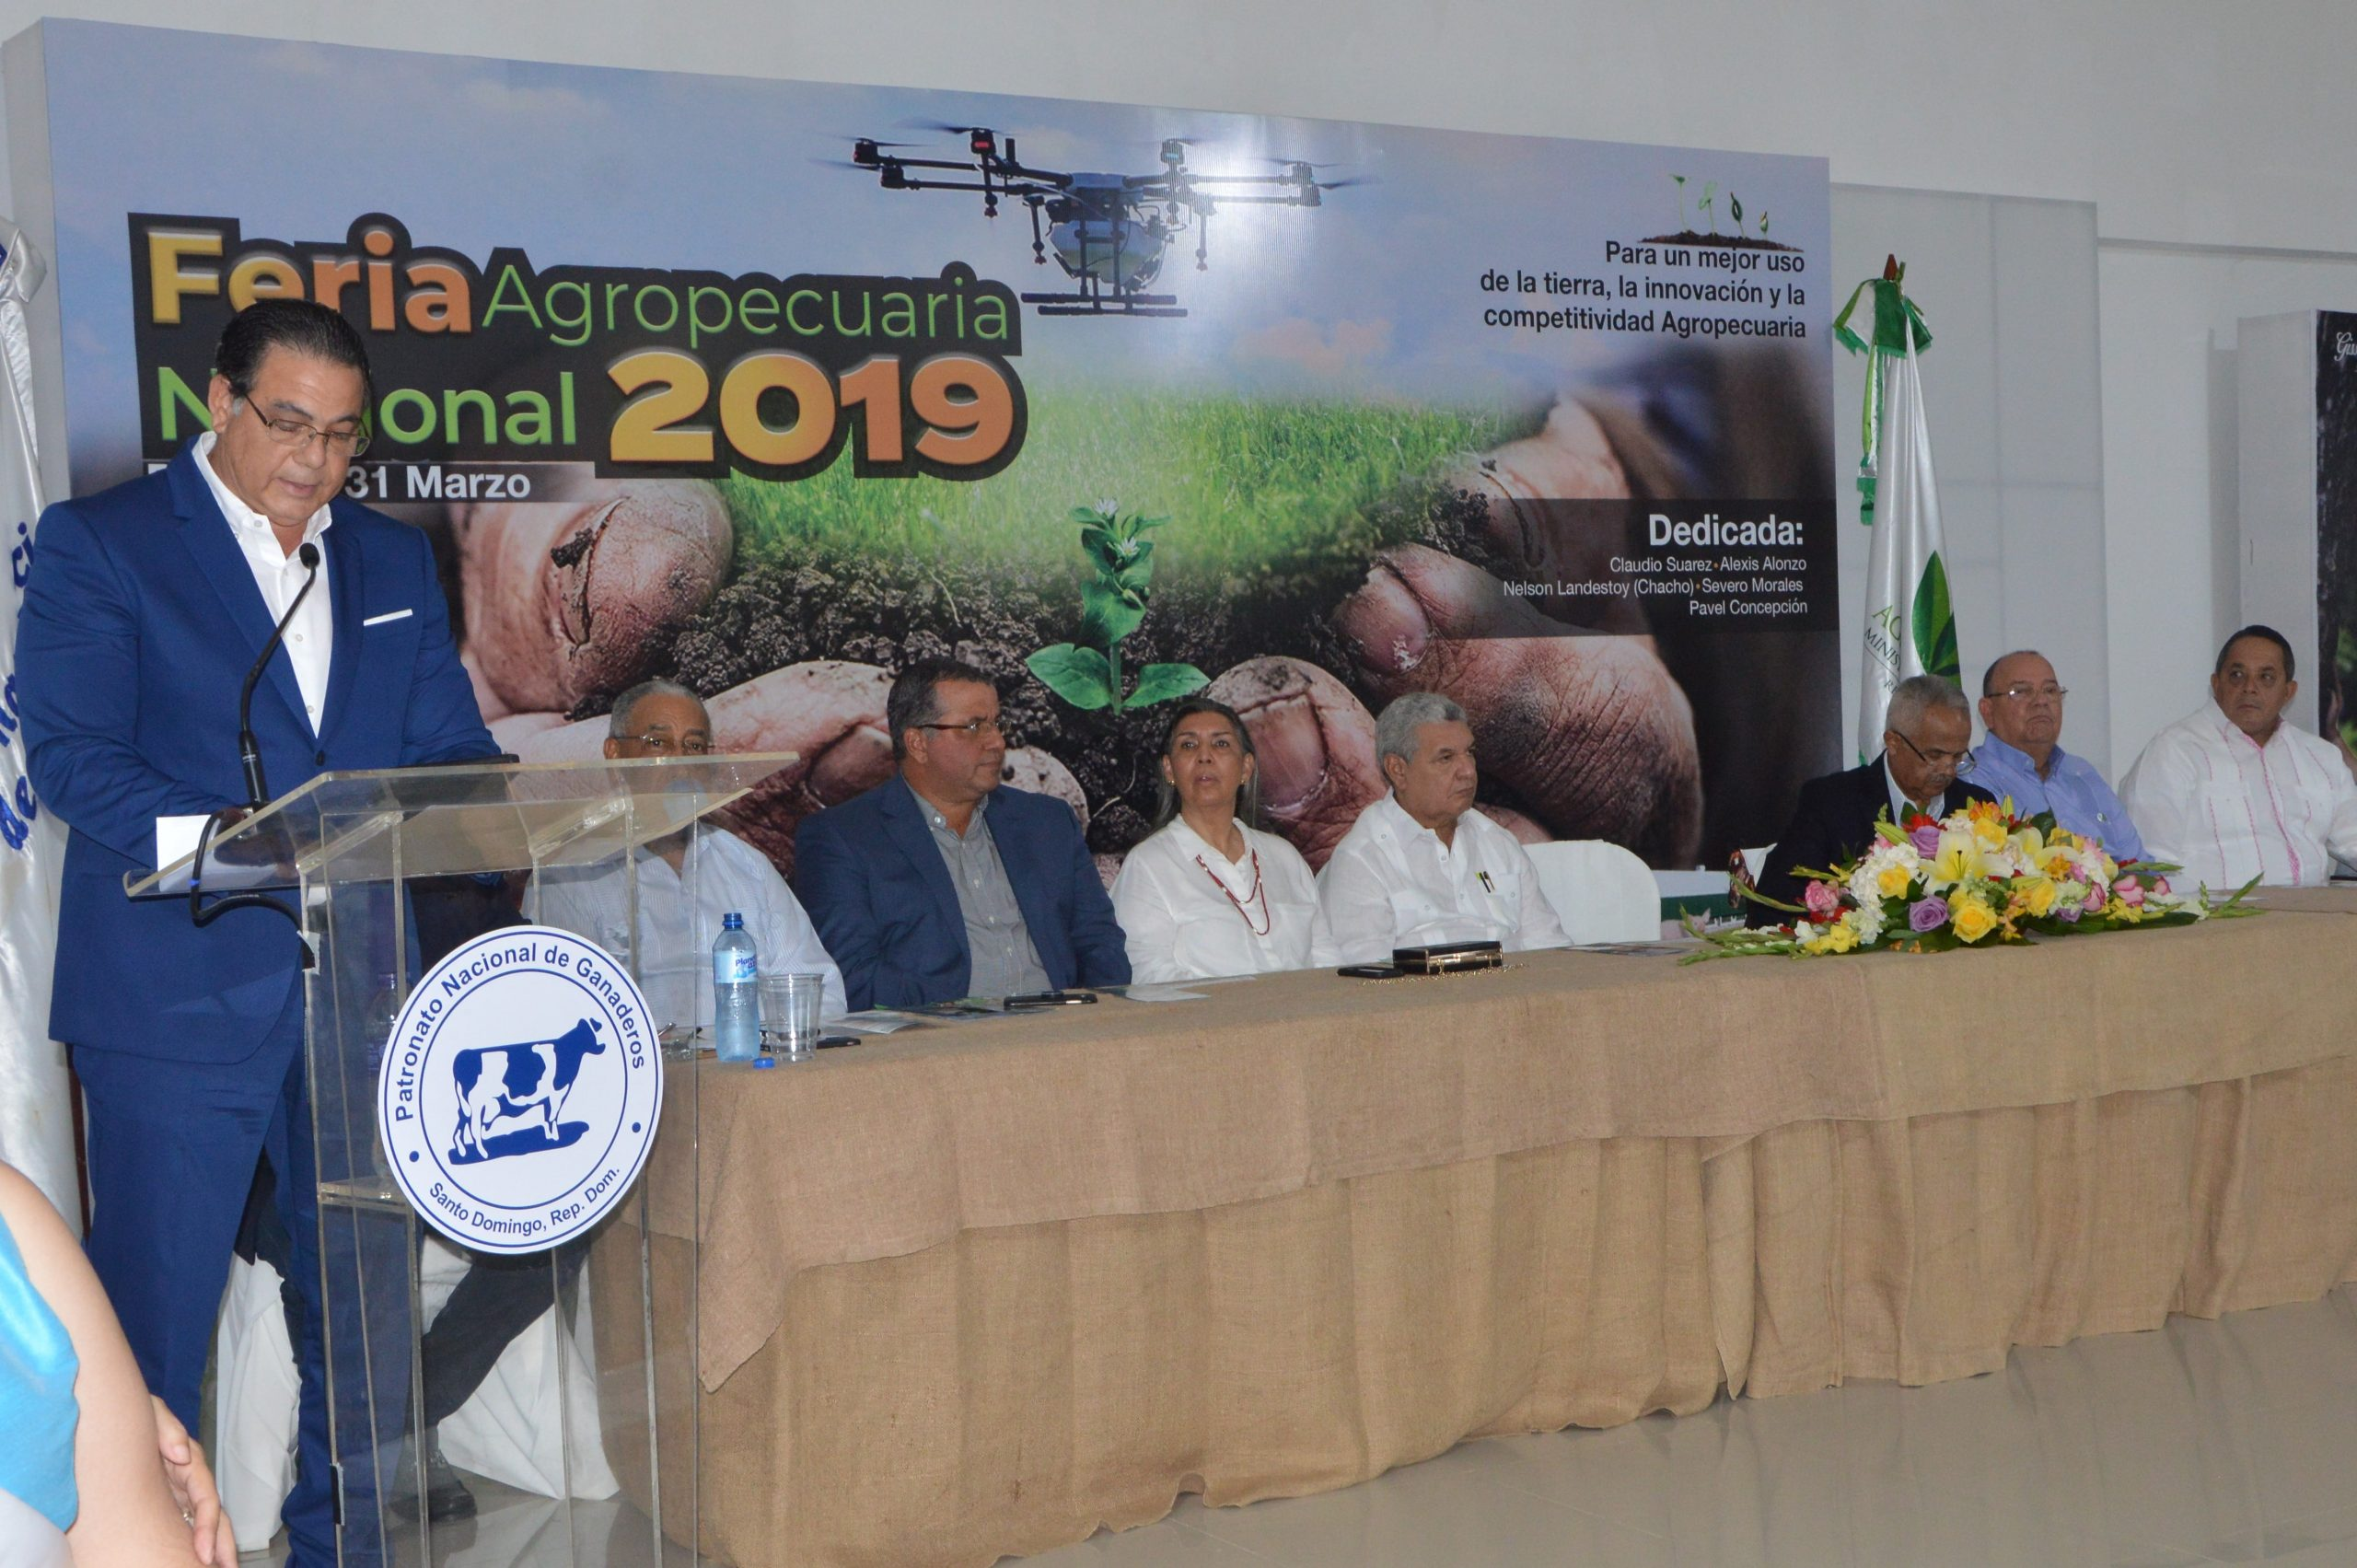 rene columna, presidente del patronato nacional de ganaderos